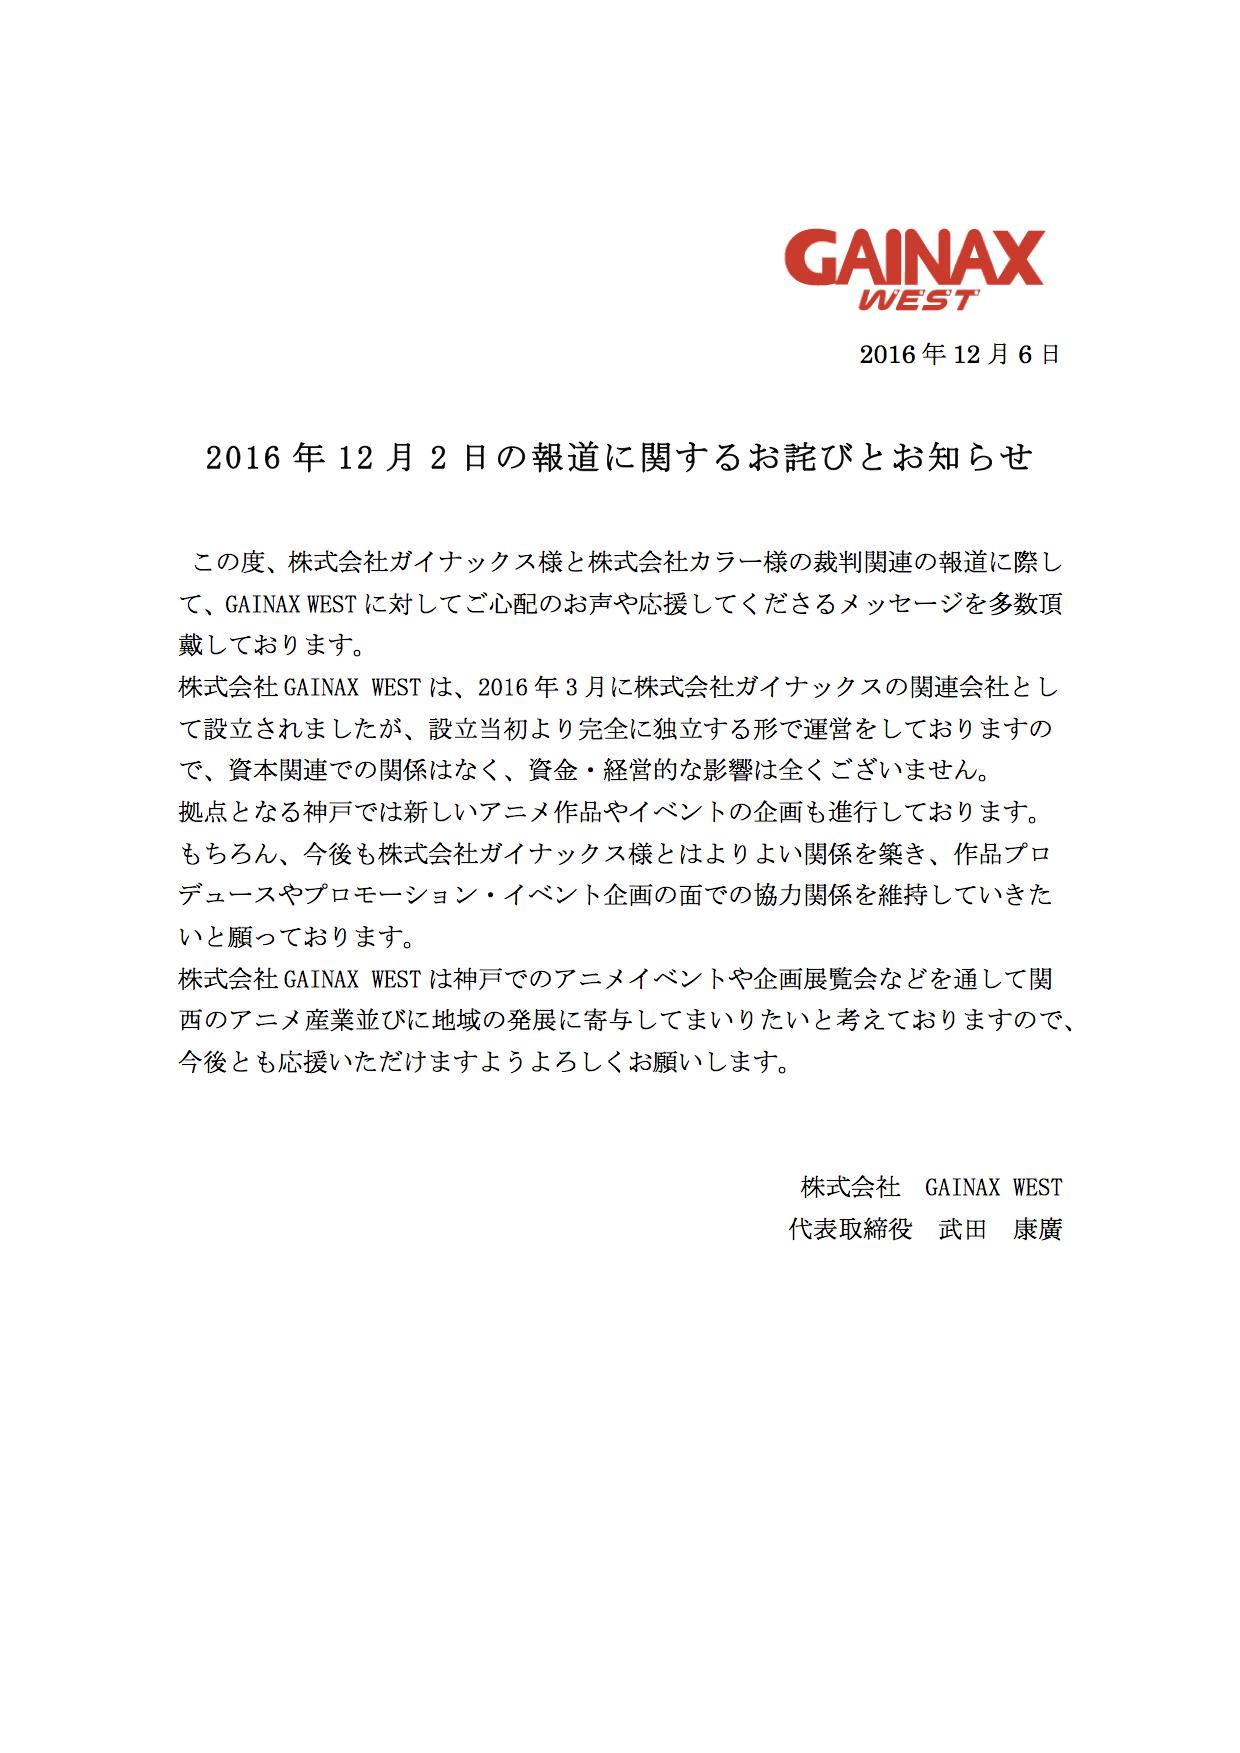 2016年12月2日の報道に関するお詫びとお知らせ